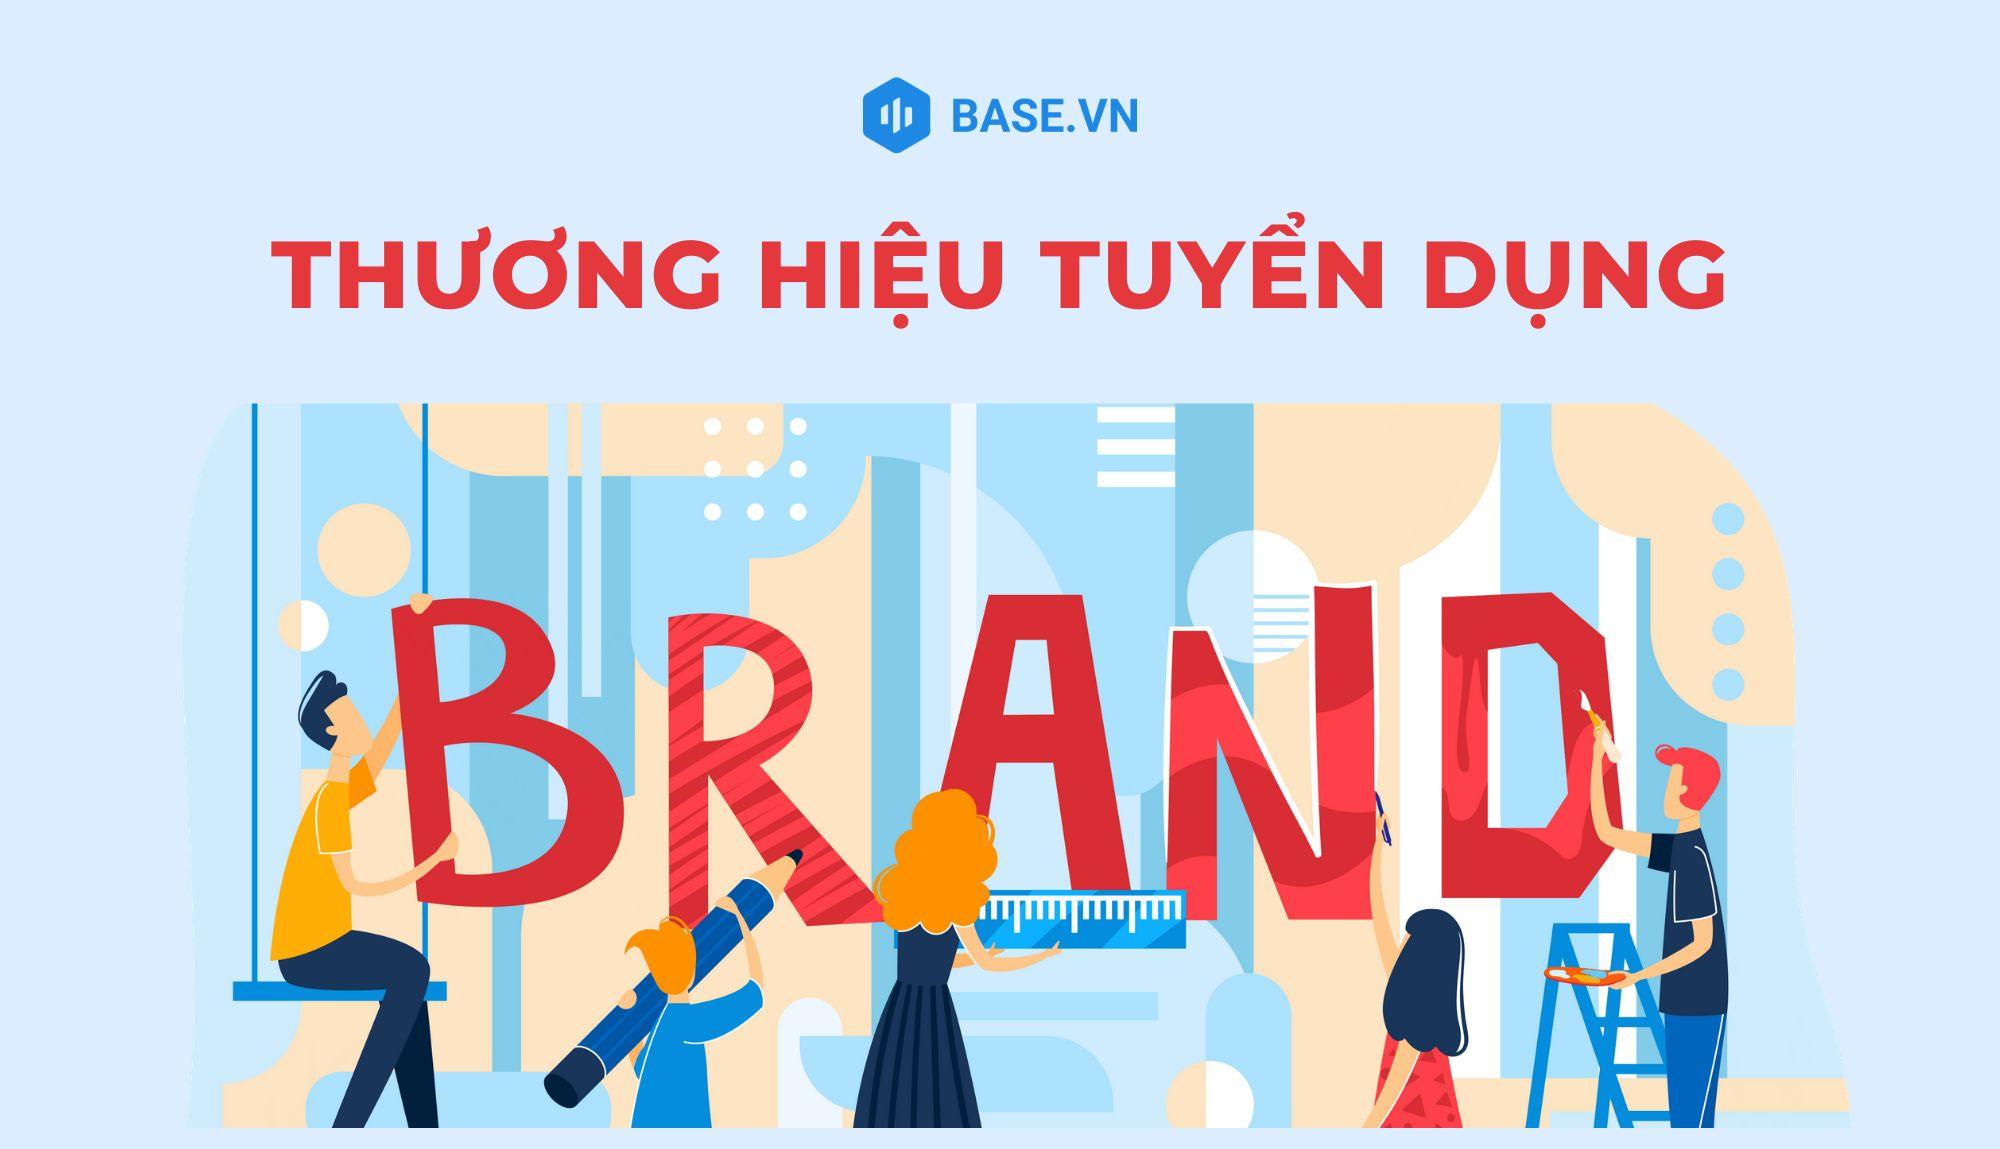 Employer branding là gì? 5 bước xây dựng thương hiệu tuyển dụng theo tư duy Marketing